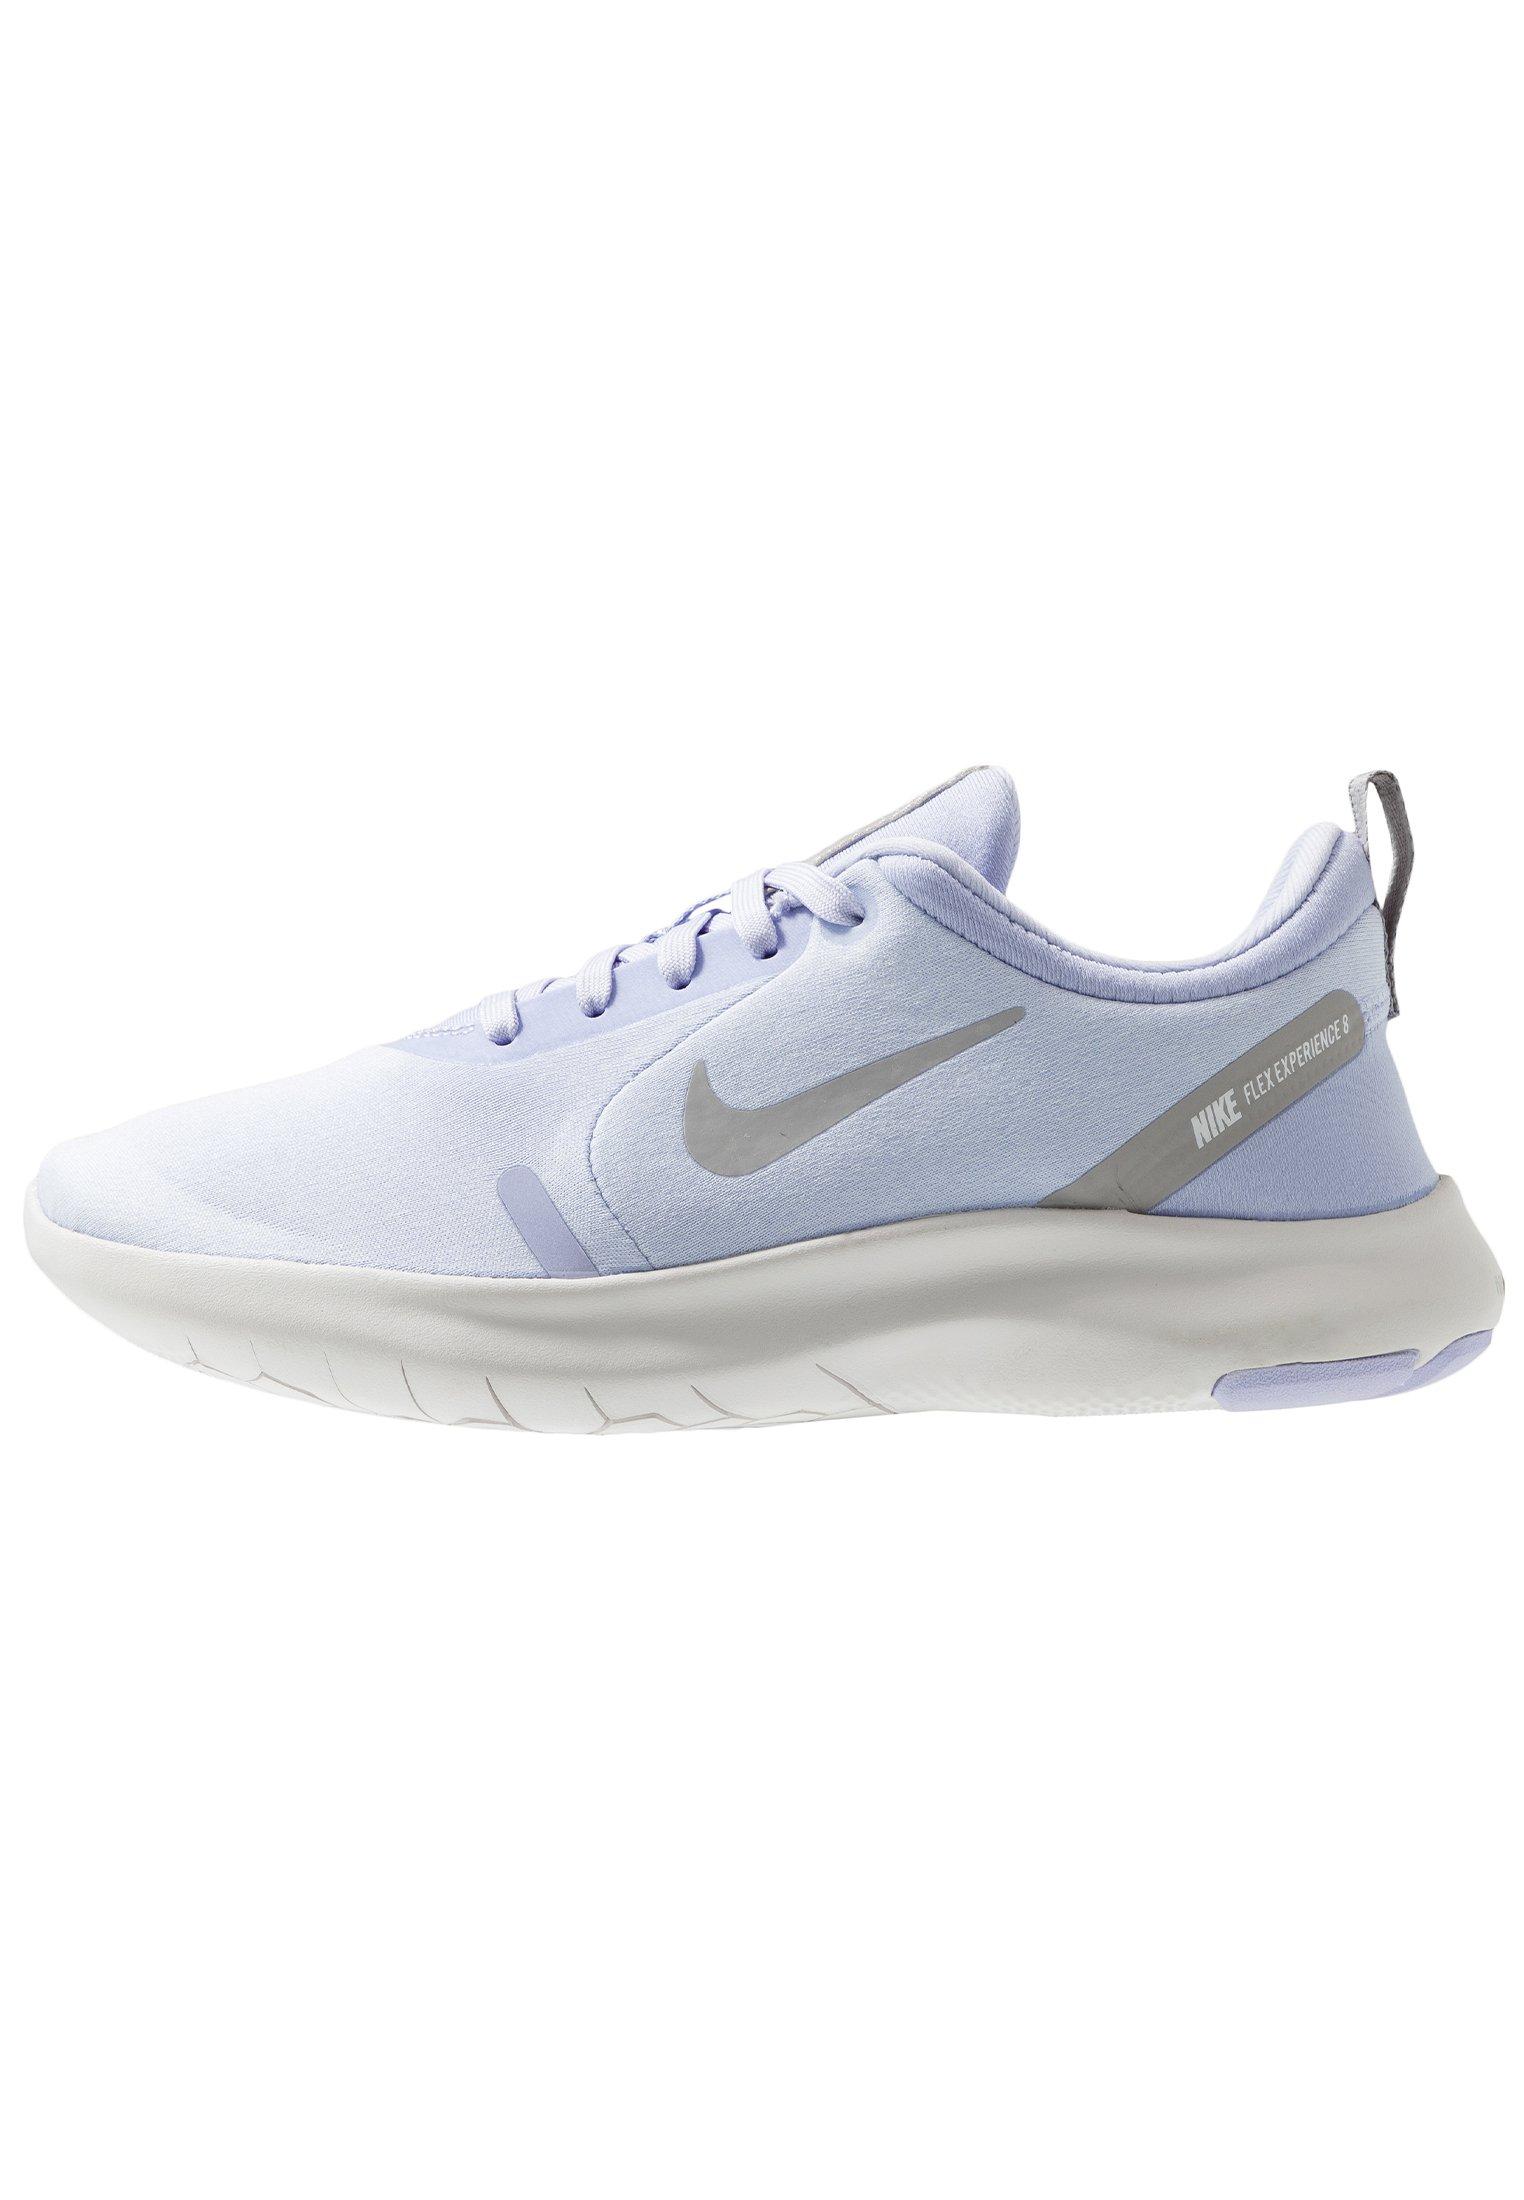 nike wmns flex experience rn 8 chaussures de running femme